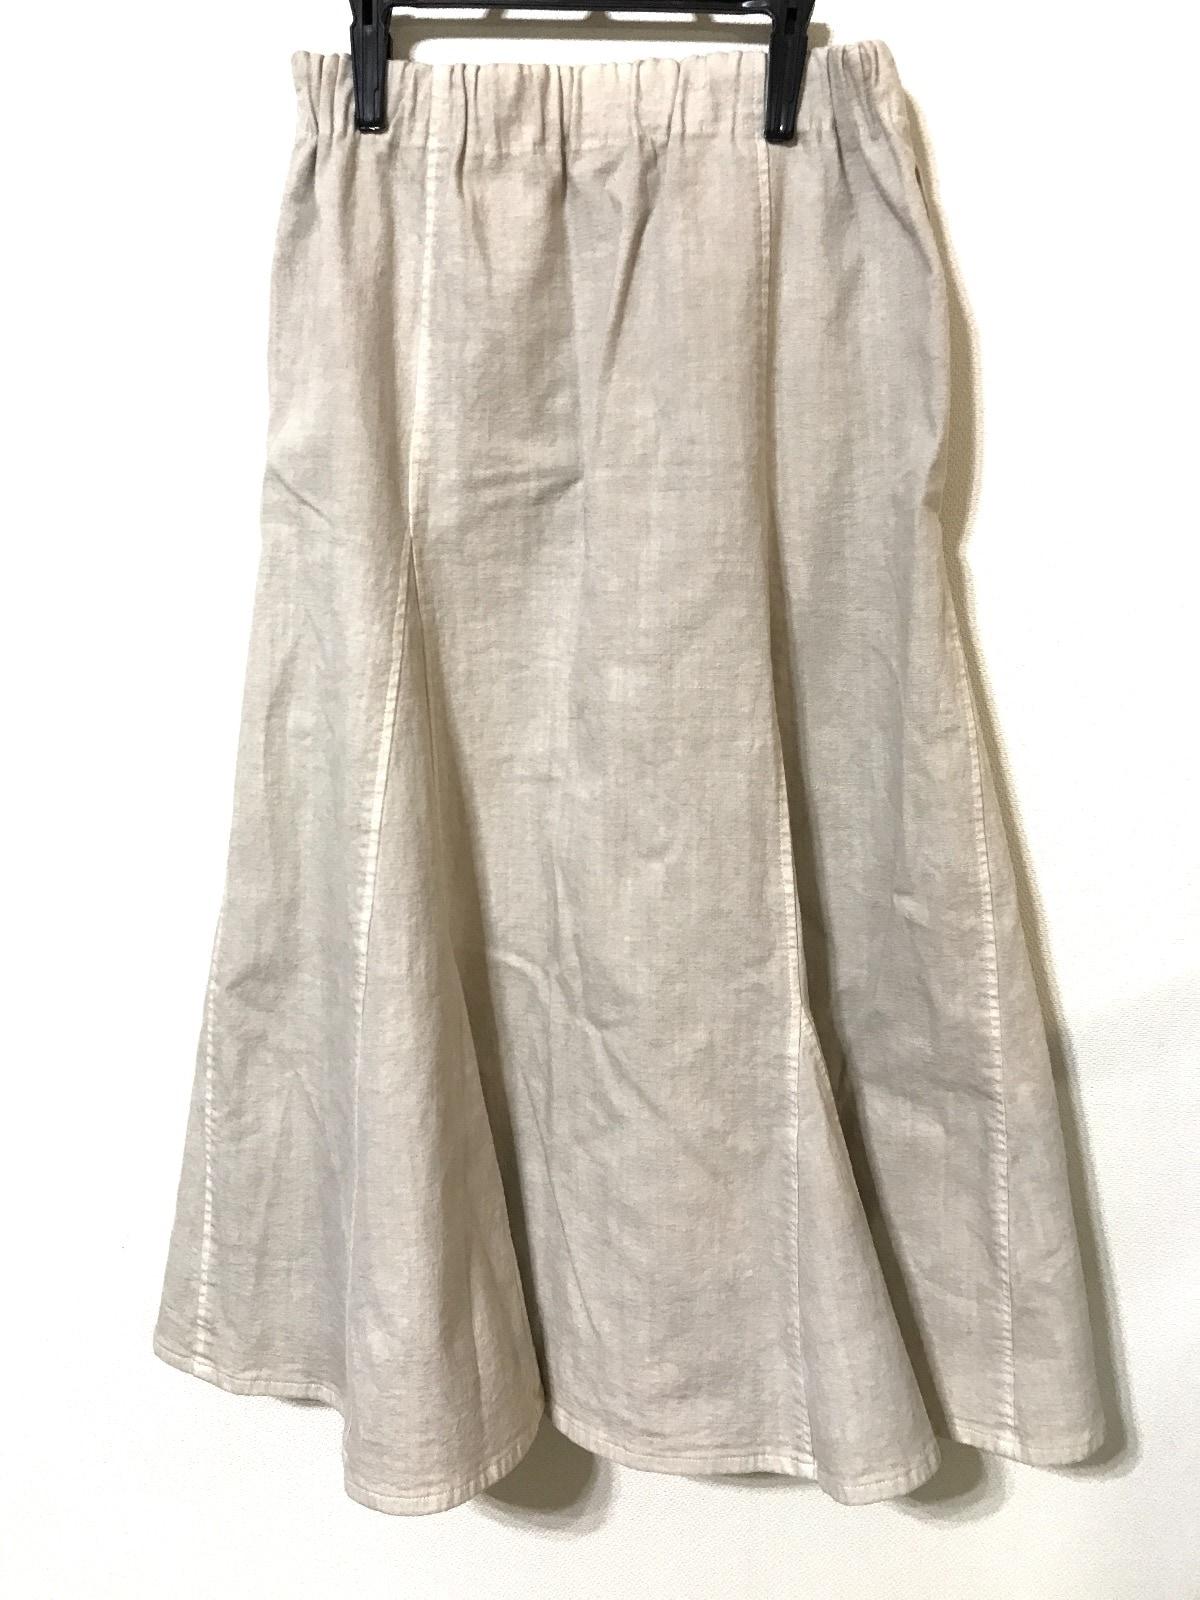 Plantation(プランテーション)のスカート